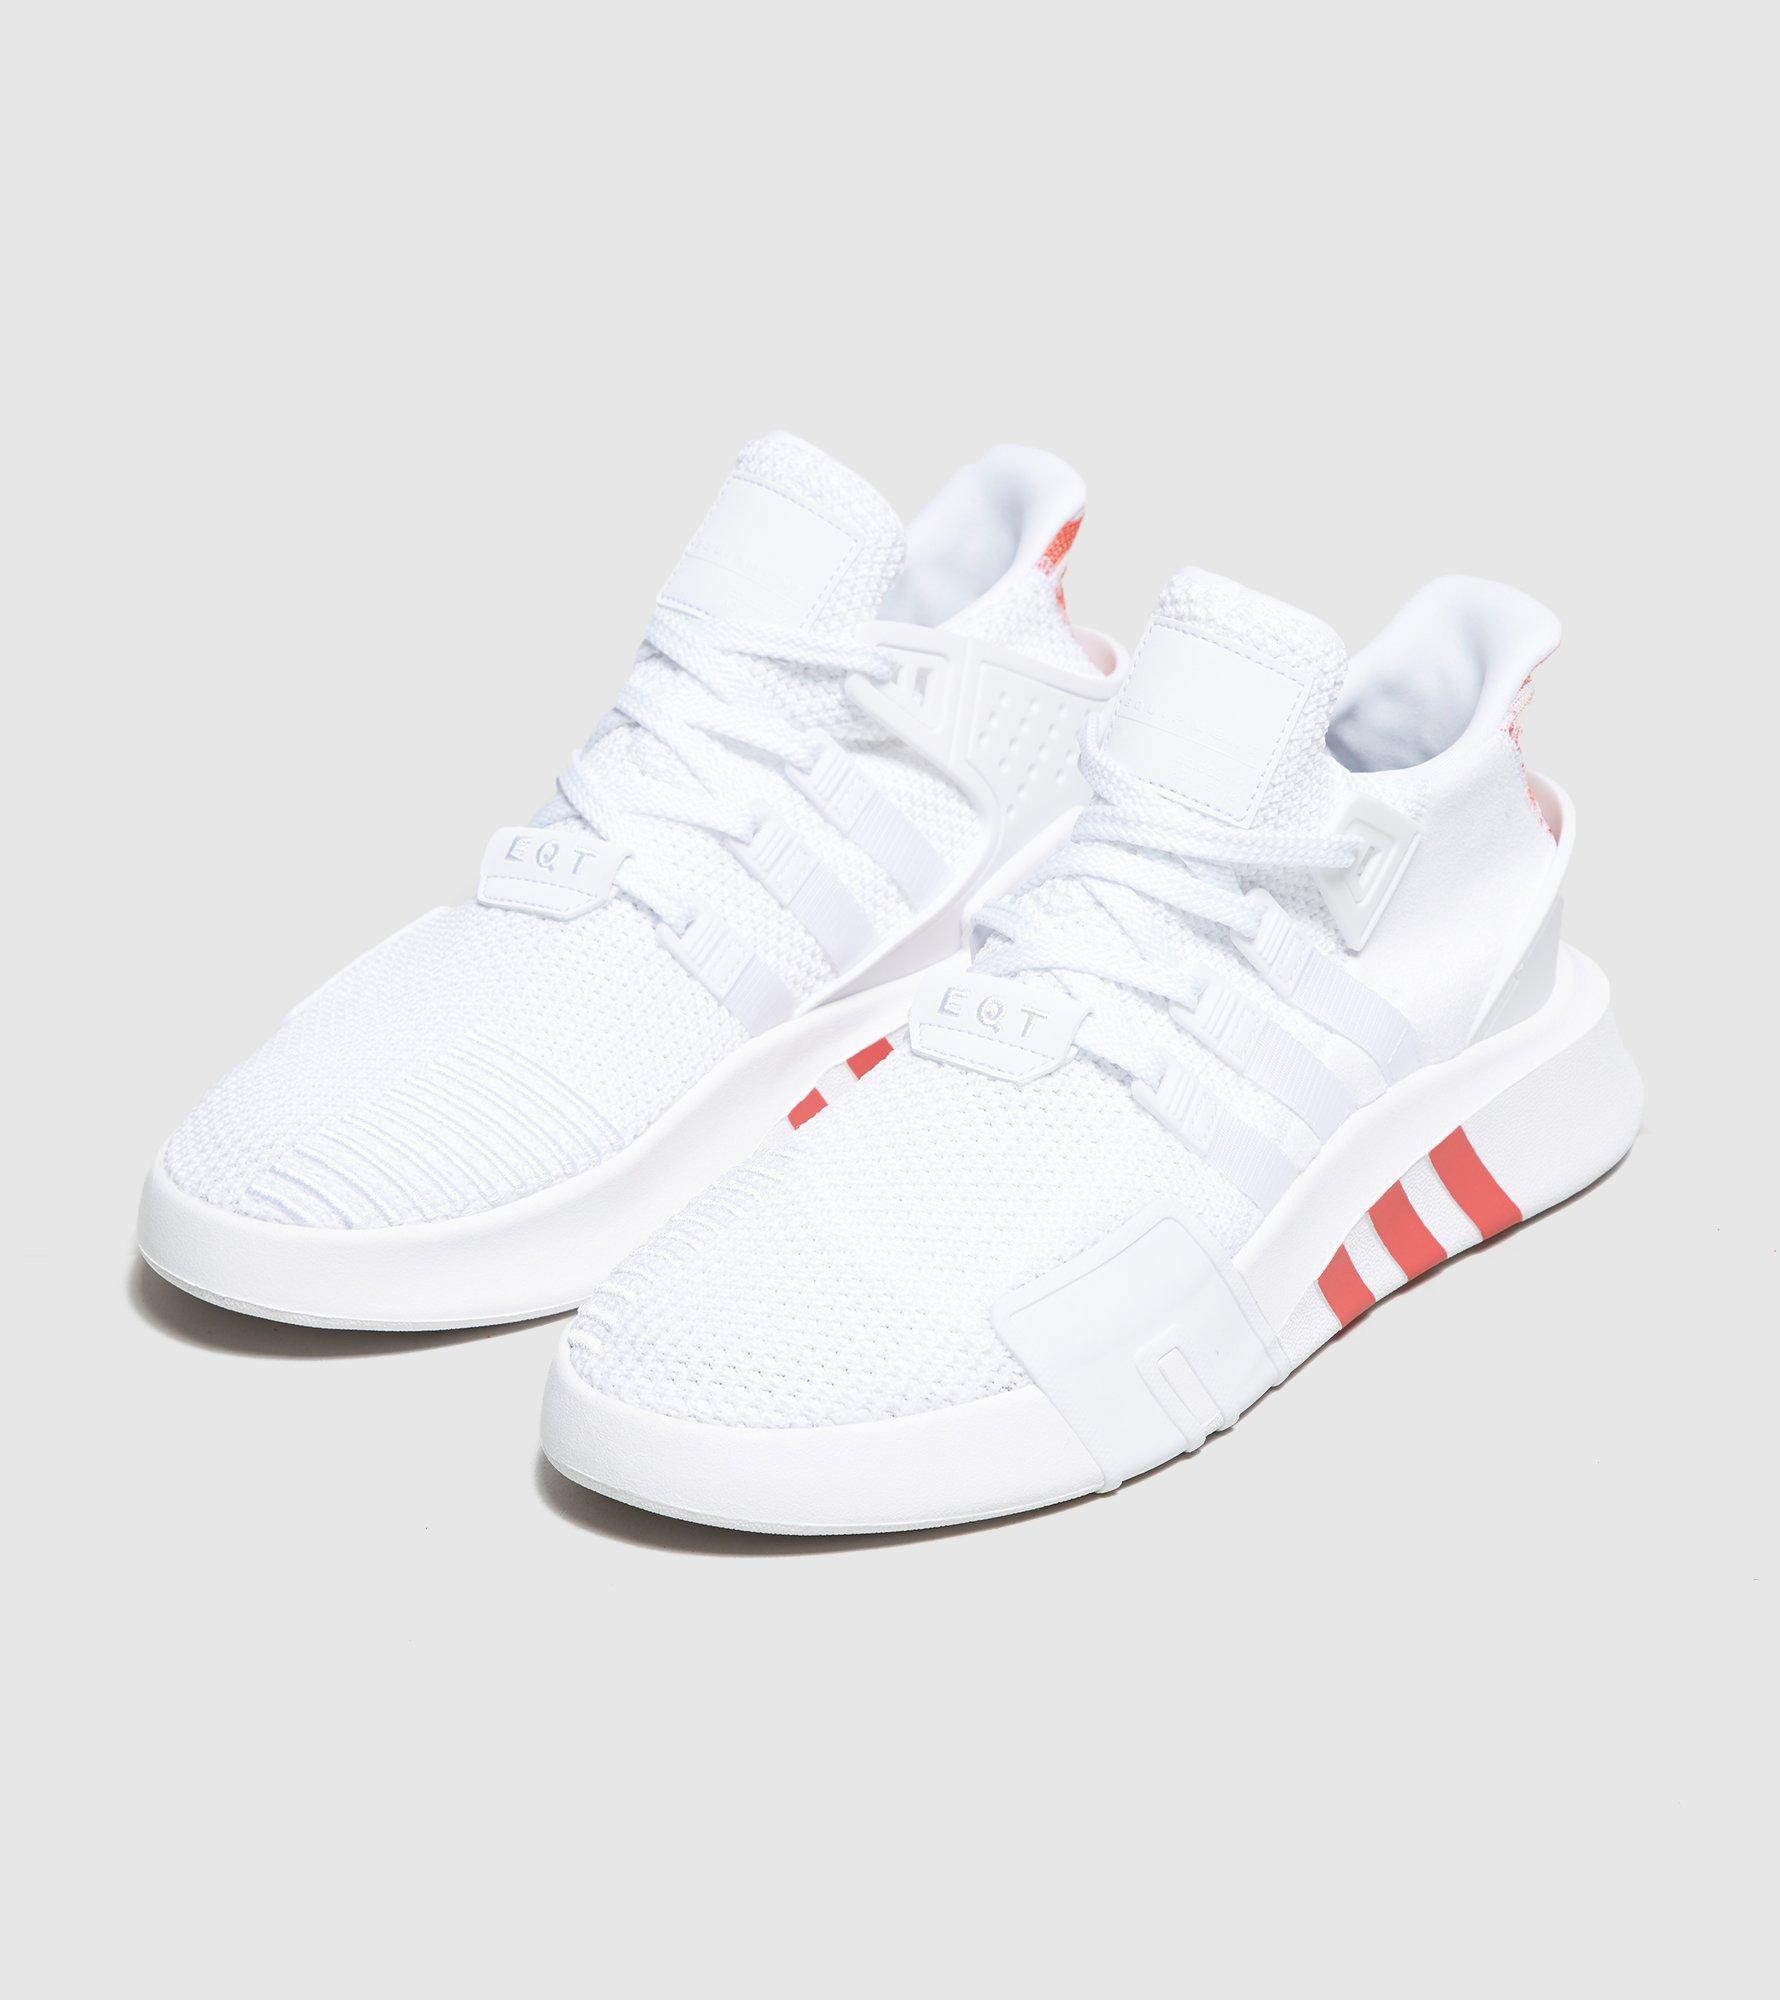 Lyst - Adidas Originals Eqt Bask Adv in White for Men cbcd572e9